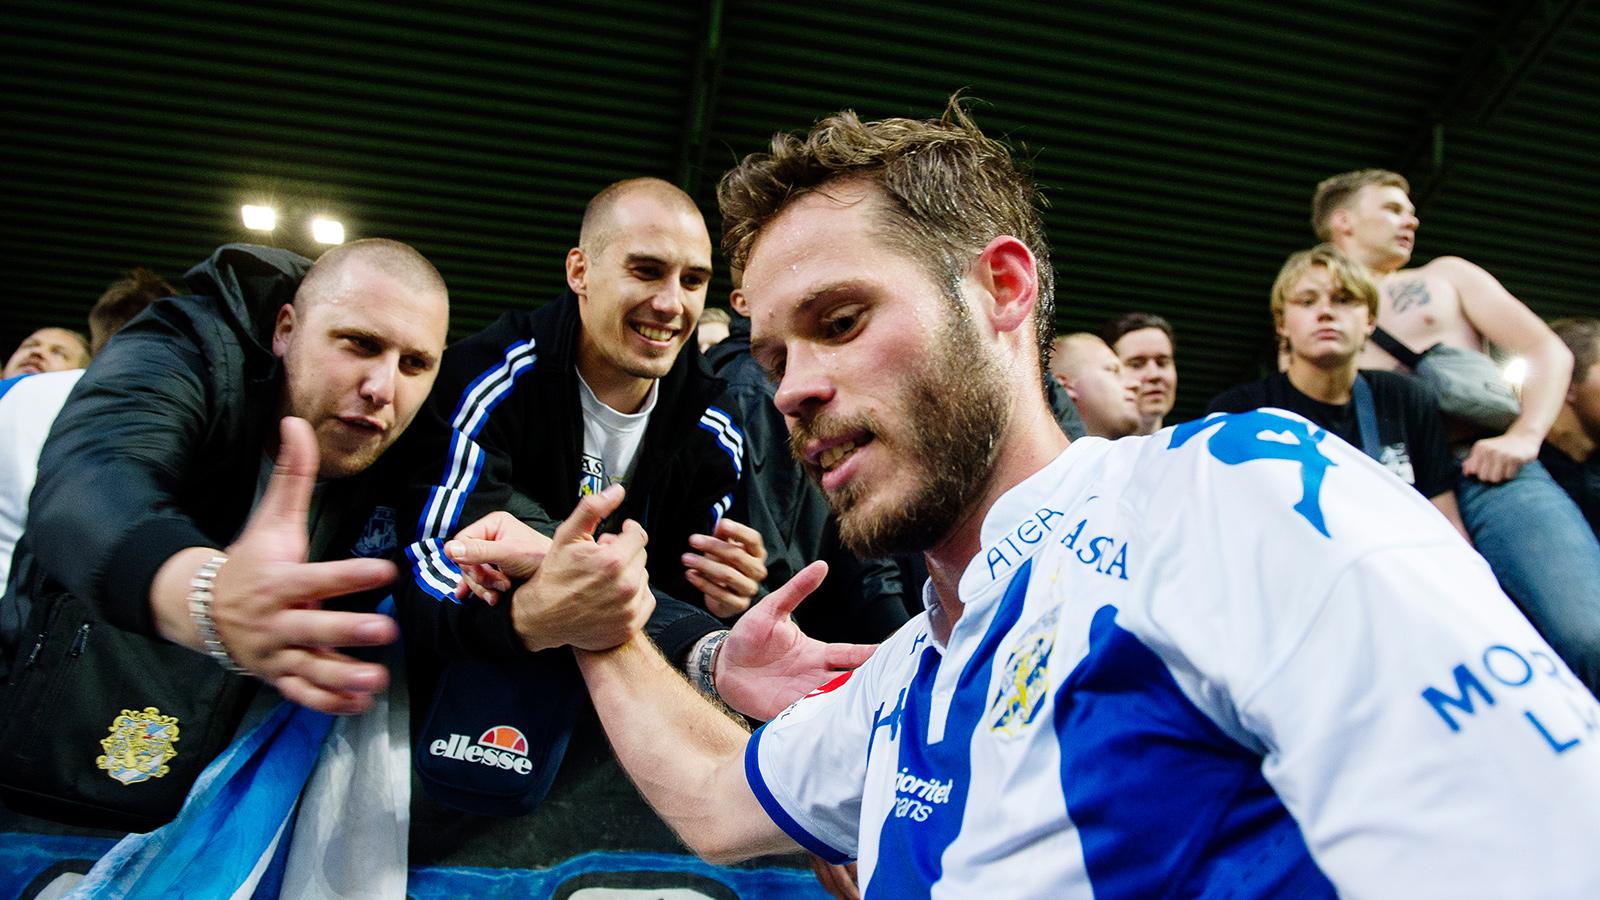 170814 IFK Göteborgs Emil Salomonsson jublar med supportrar efter fotbollsmatchen i Allsvenskan mellan Elfsborg och IFK Göteborg den 14 augusti 2017 i Borås.